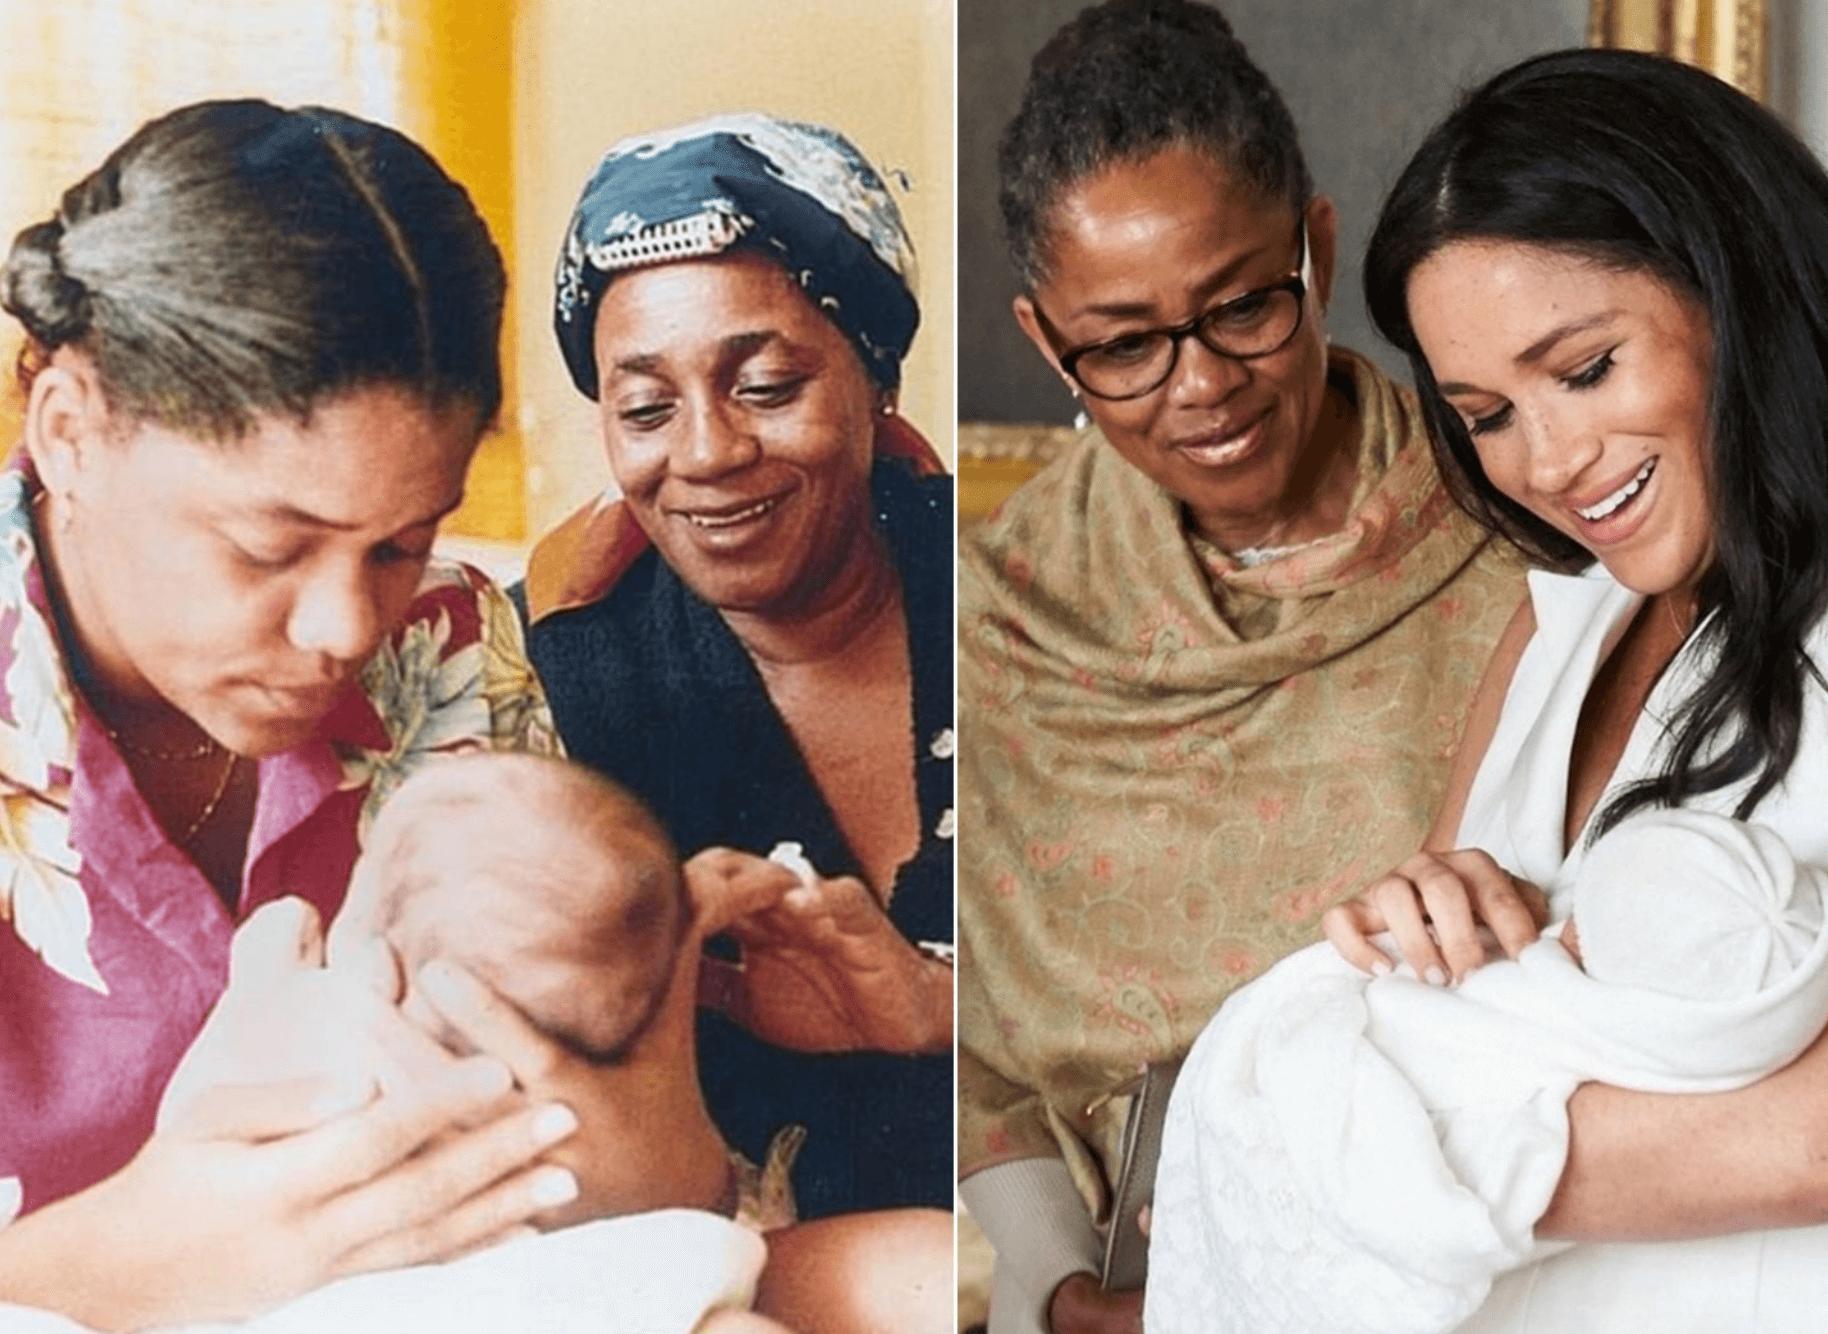 1981- 梅根寶寶,梅根媽媽Doria 和 Doria的媽媽Jeanette / 2019 - 阿奇寶寶 ,梅根和梅根媽媽Doria